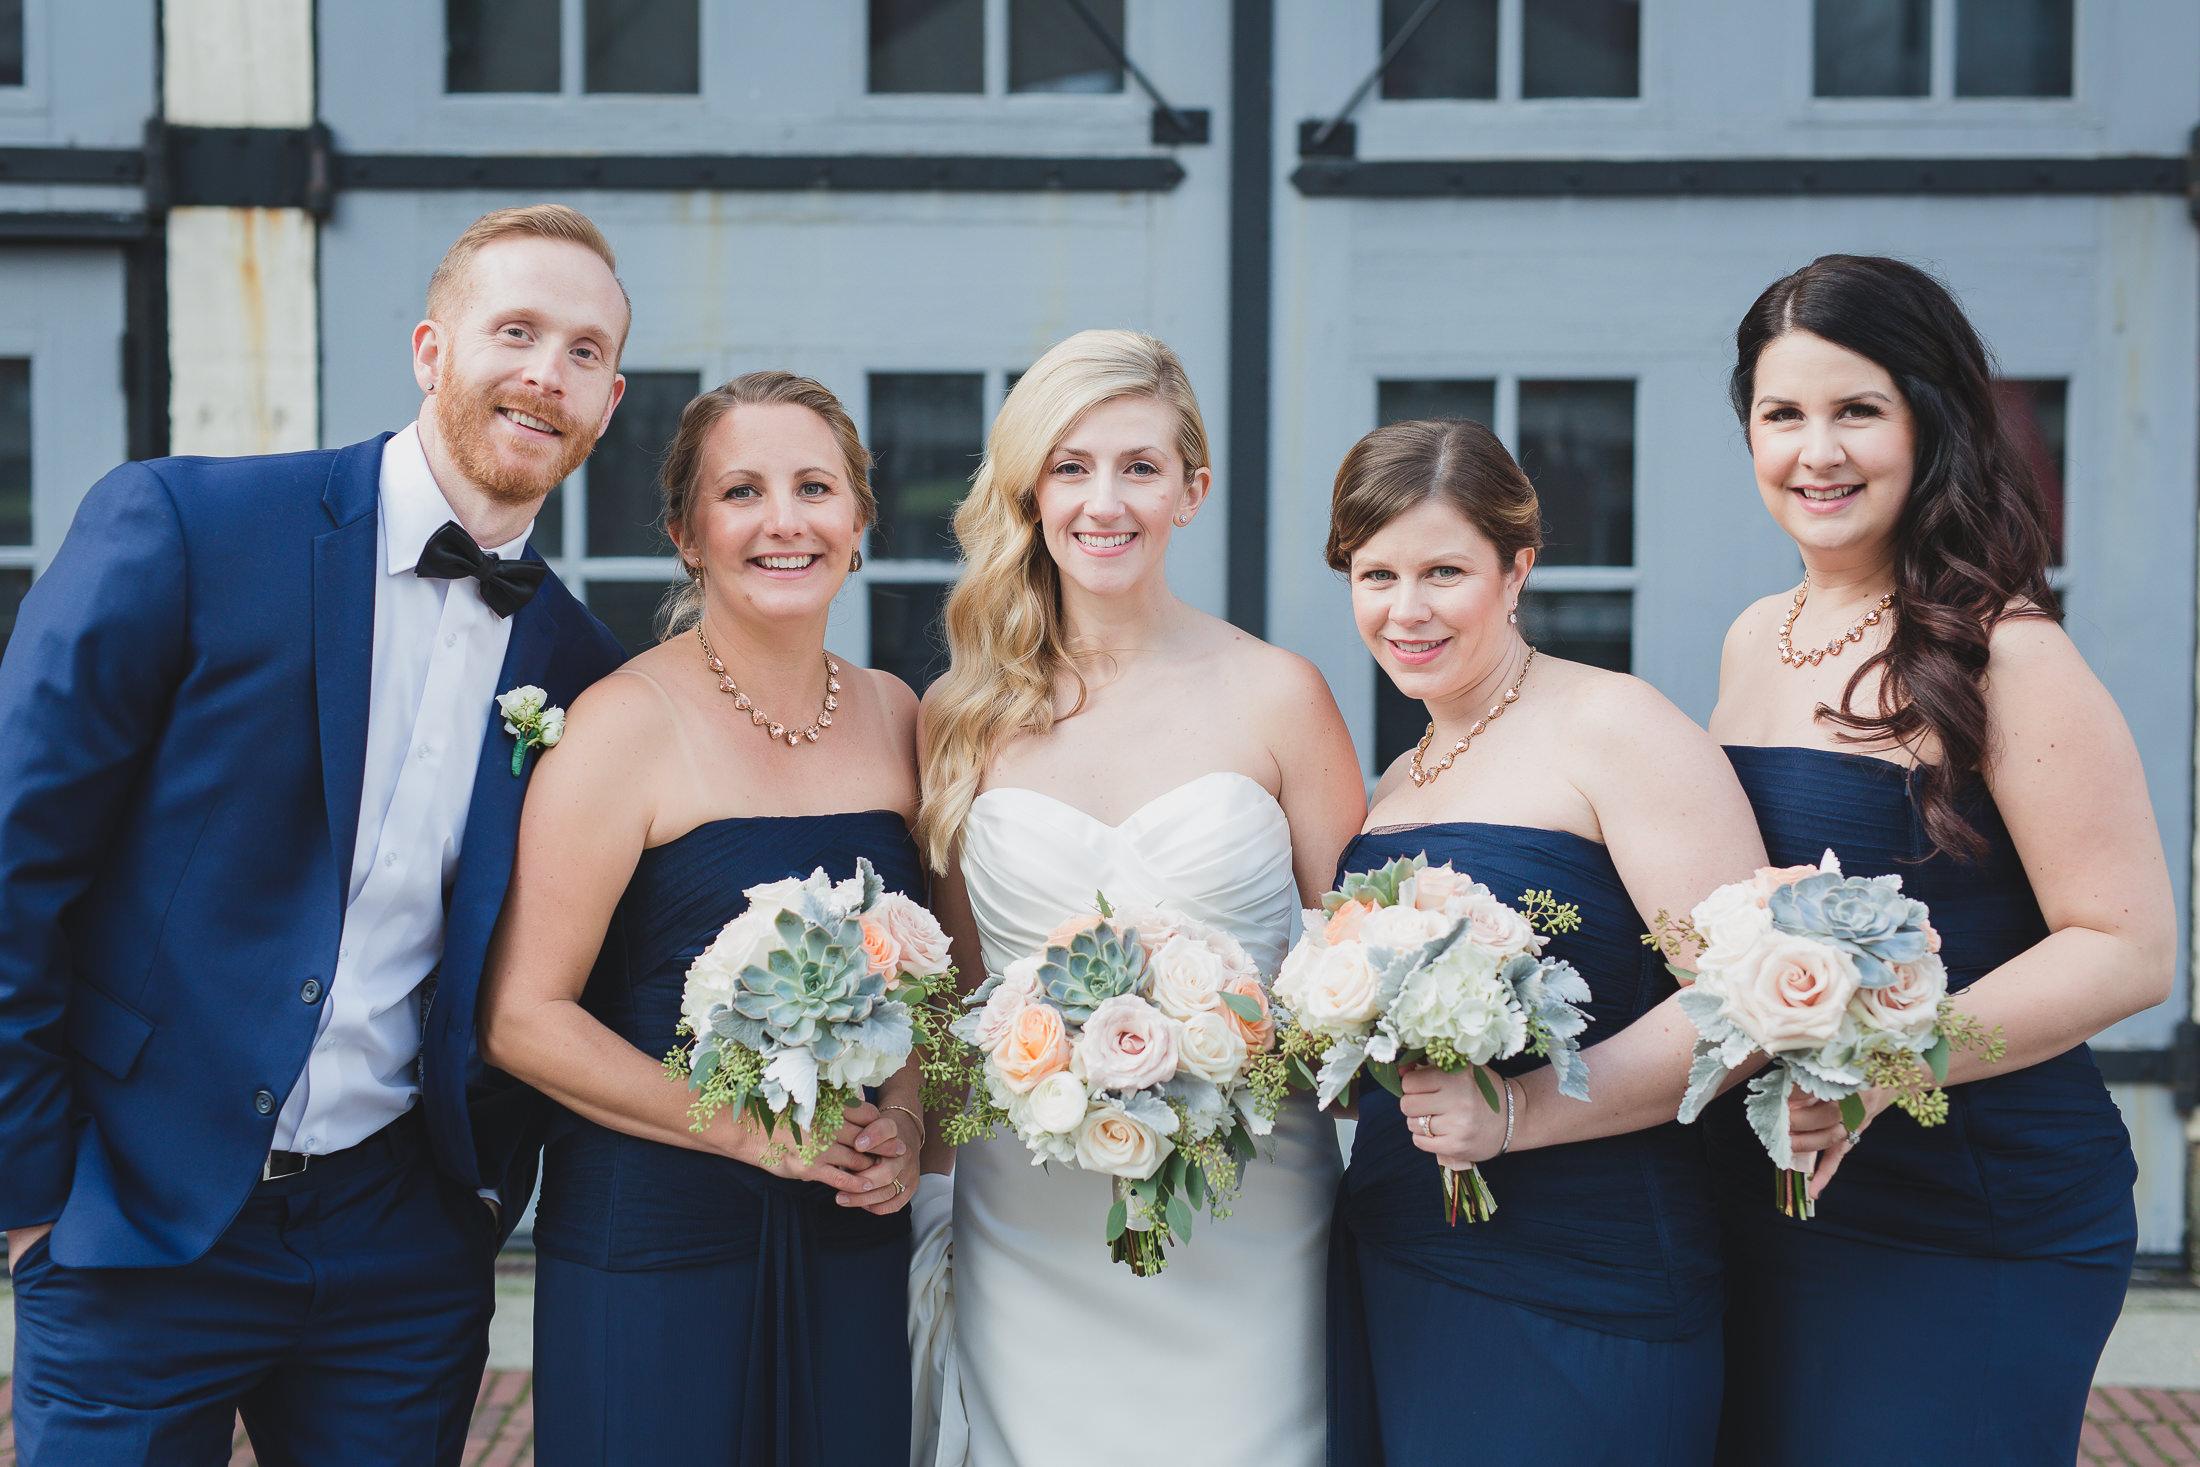 bride with bridesmaids and bridesman portrait